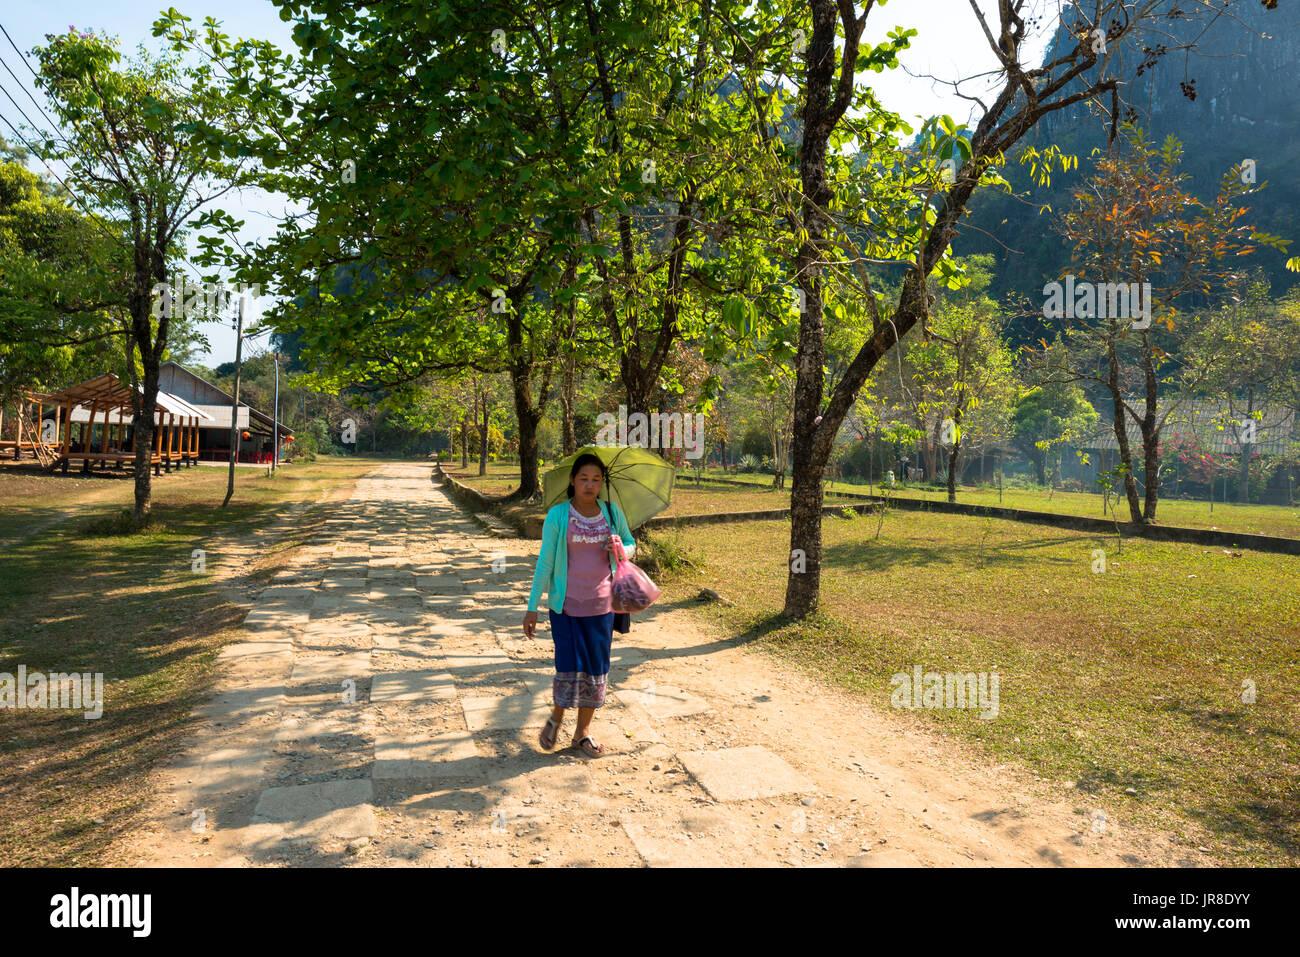 VANG VIENG, LAOS - MARCH 14, 2017: Local Lao woman walking